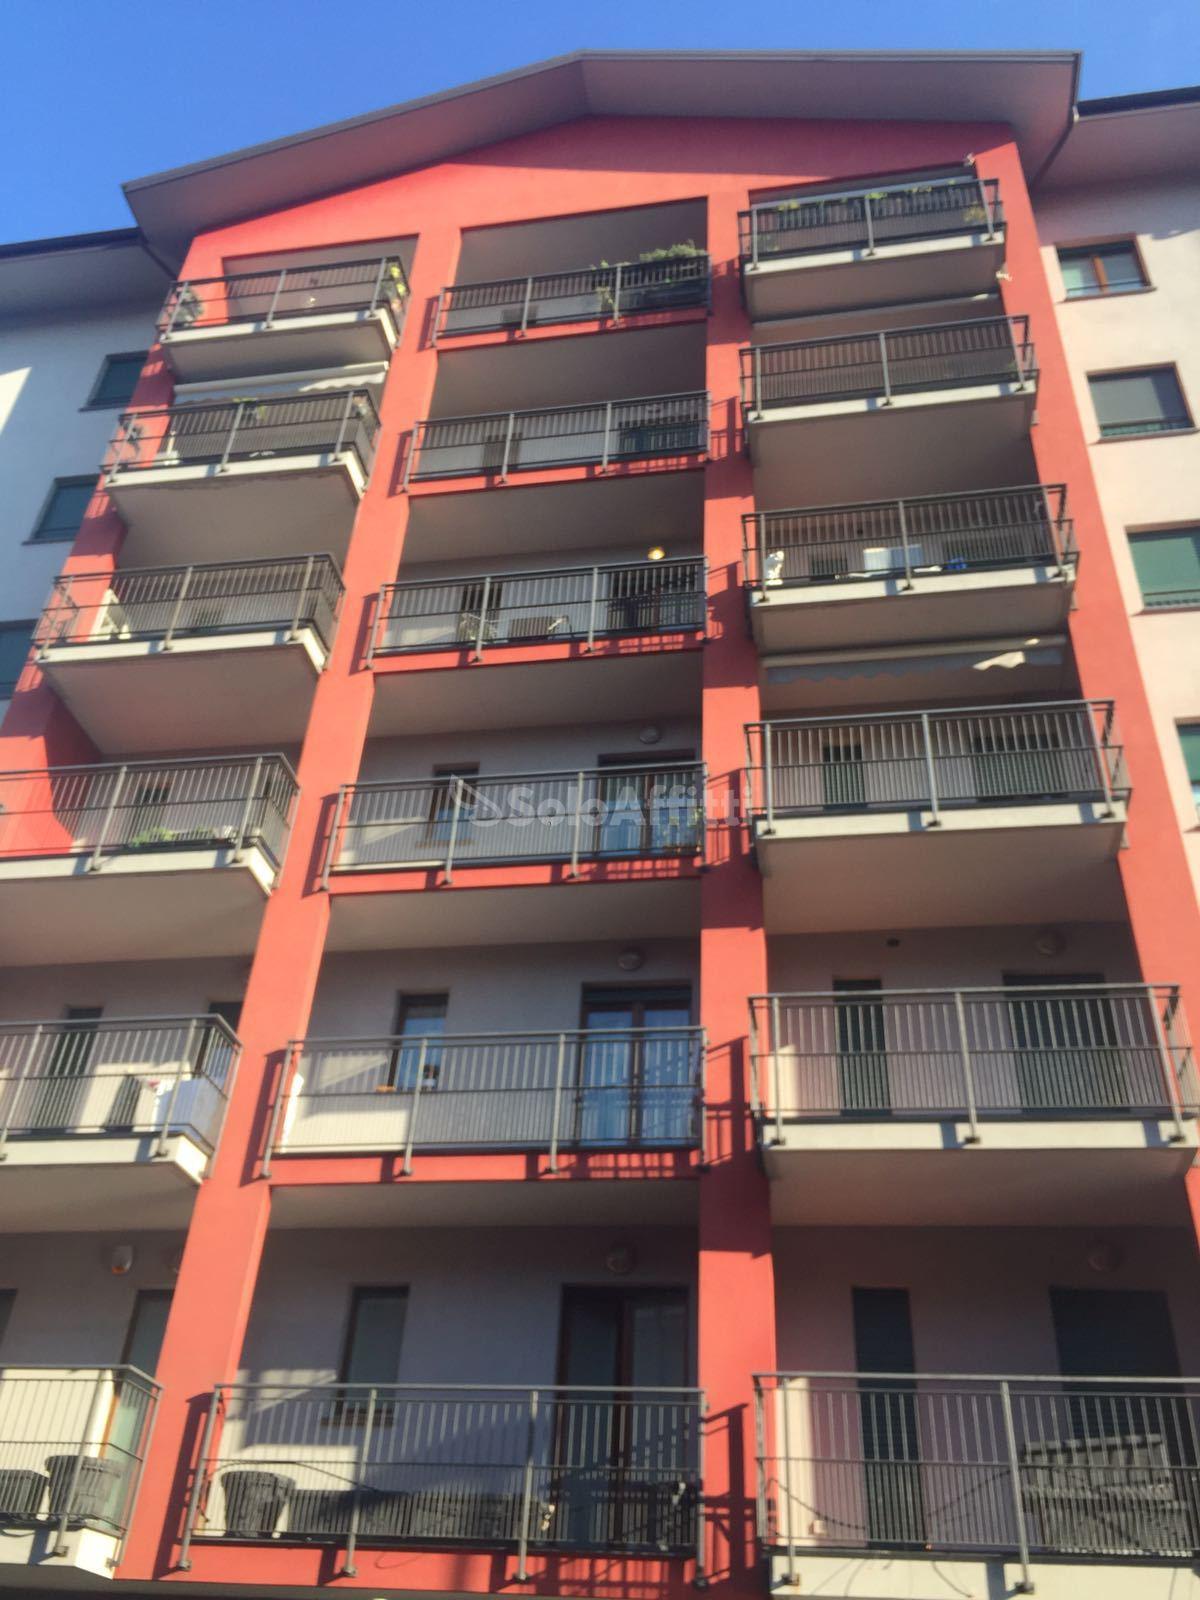 Affitto appartamento trilocale arredato 90 mq for Affitto lainate arredato